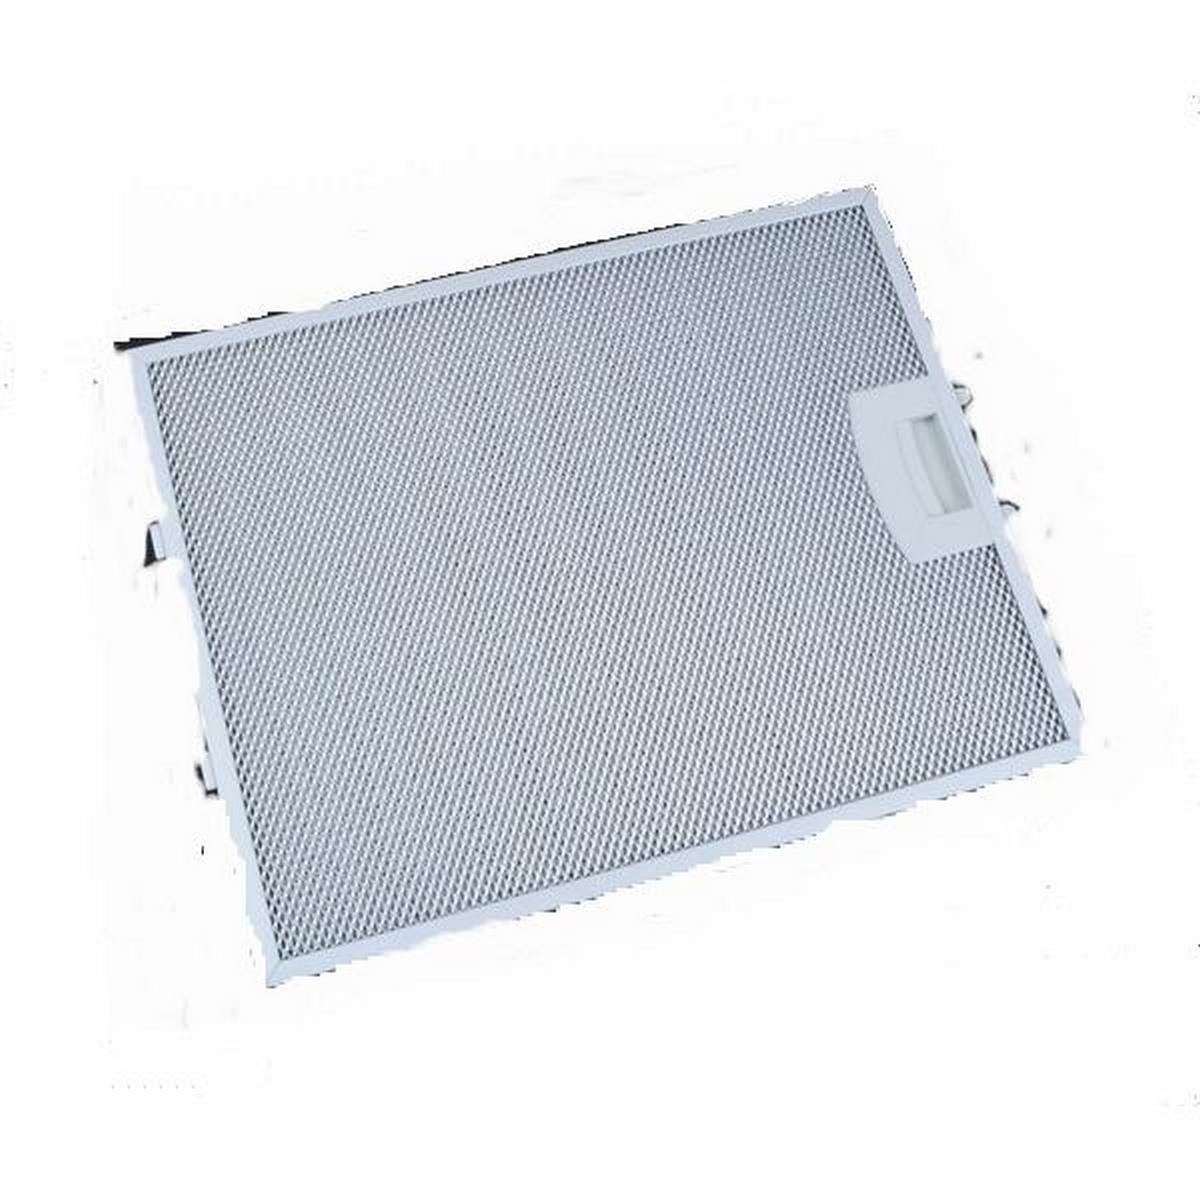 Bosch – Filtro de grasa metálico de 330 x 320 x 8 mm. Referencia: 00362381.: Amazon.es: Grandes electrodomésticos